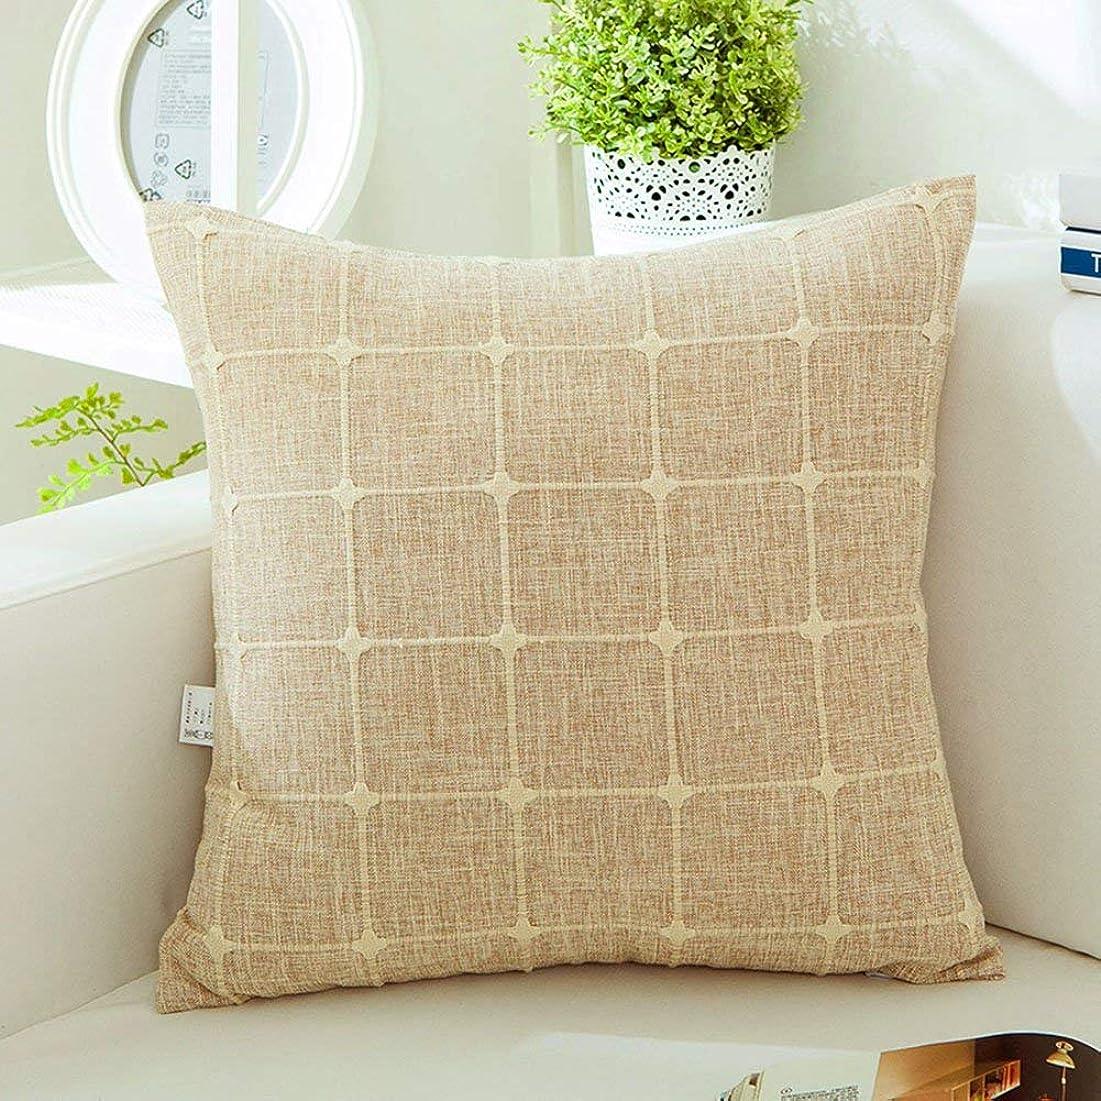 スパイファブリックプレビスサイト2J-QingYun Trade 枕カバー綿格子枕ソファクッションウエスト枕 (Color : Style 4)